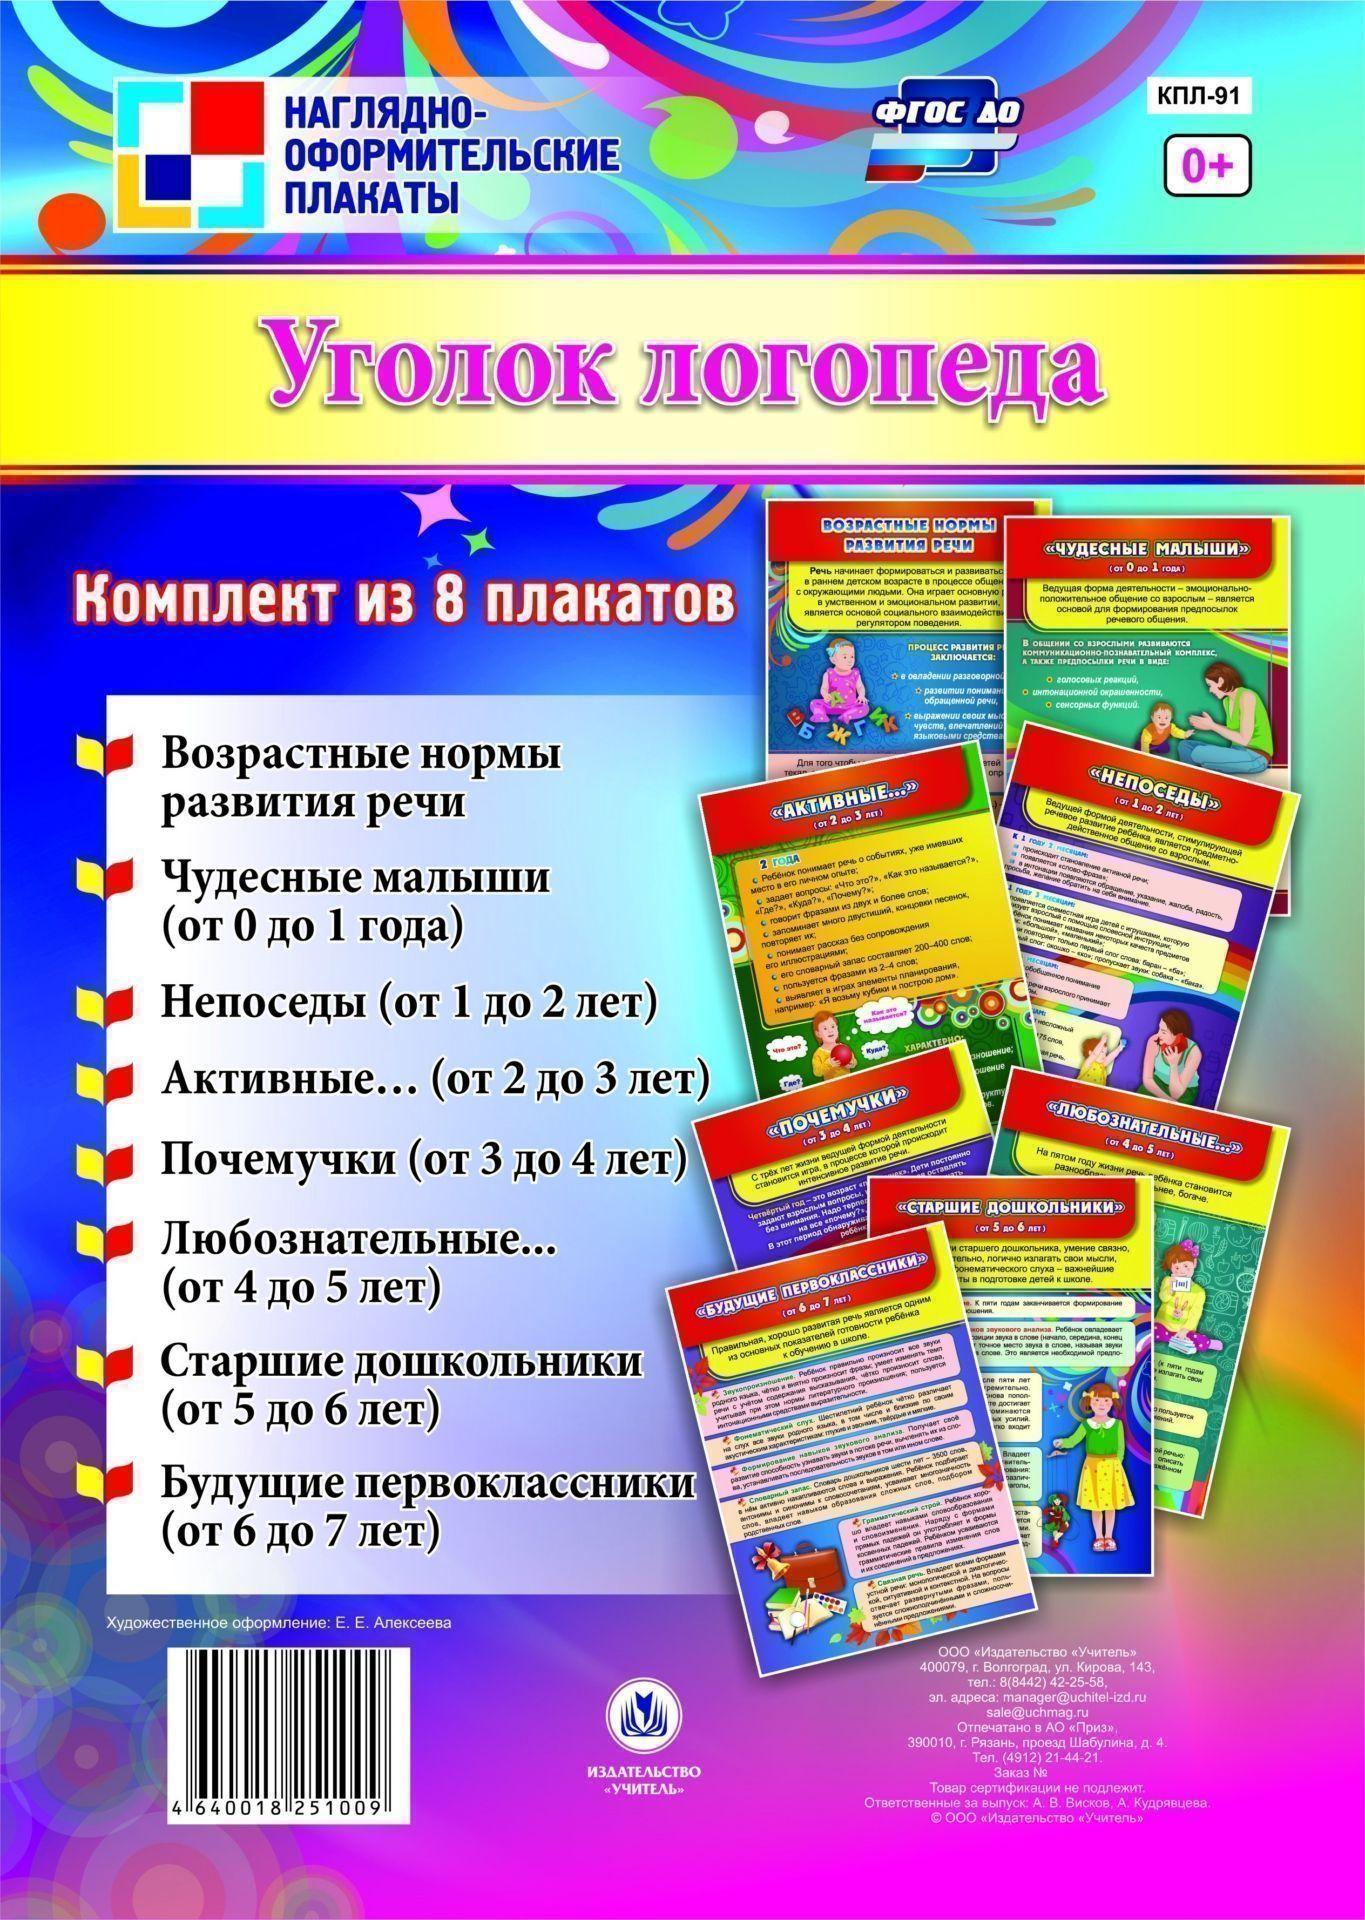 """Купить со скидкой Комплект плакатов """"Уголок логопеда"""": 8 плакатов"""